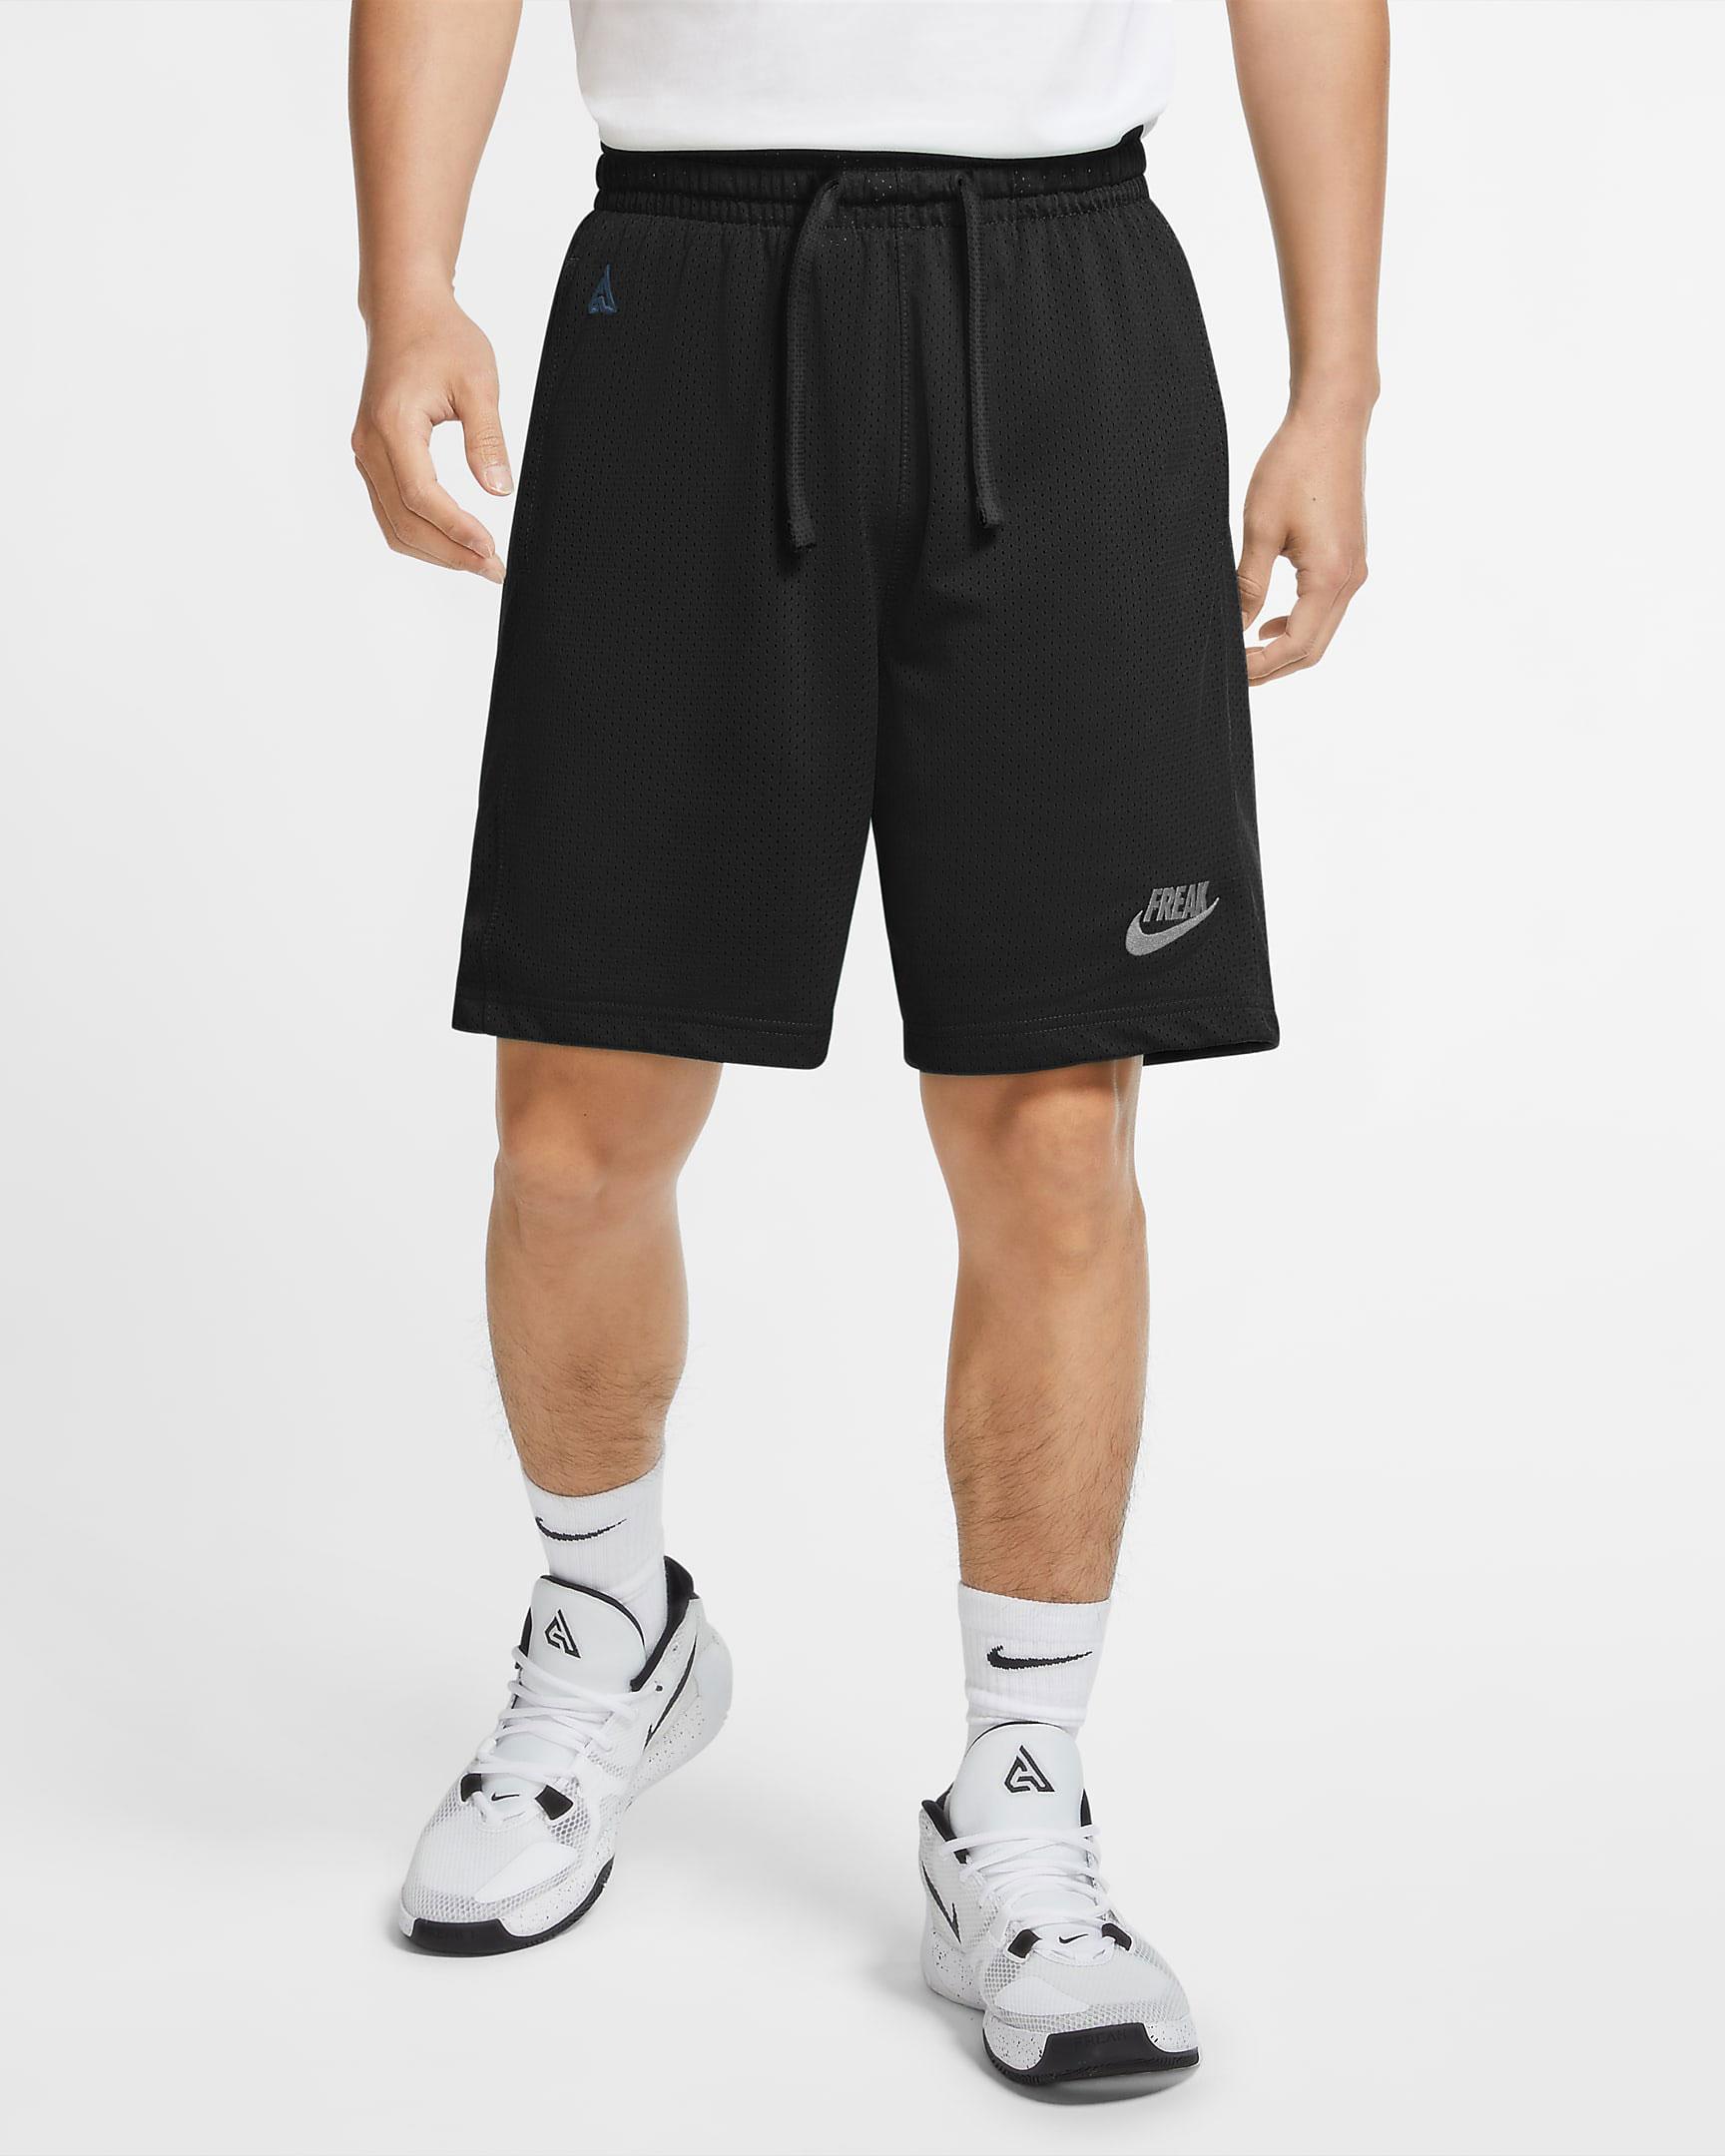 nike-zoom-freak-2-black-shorts